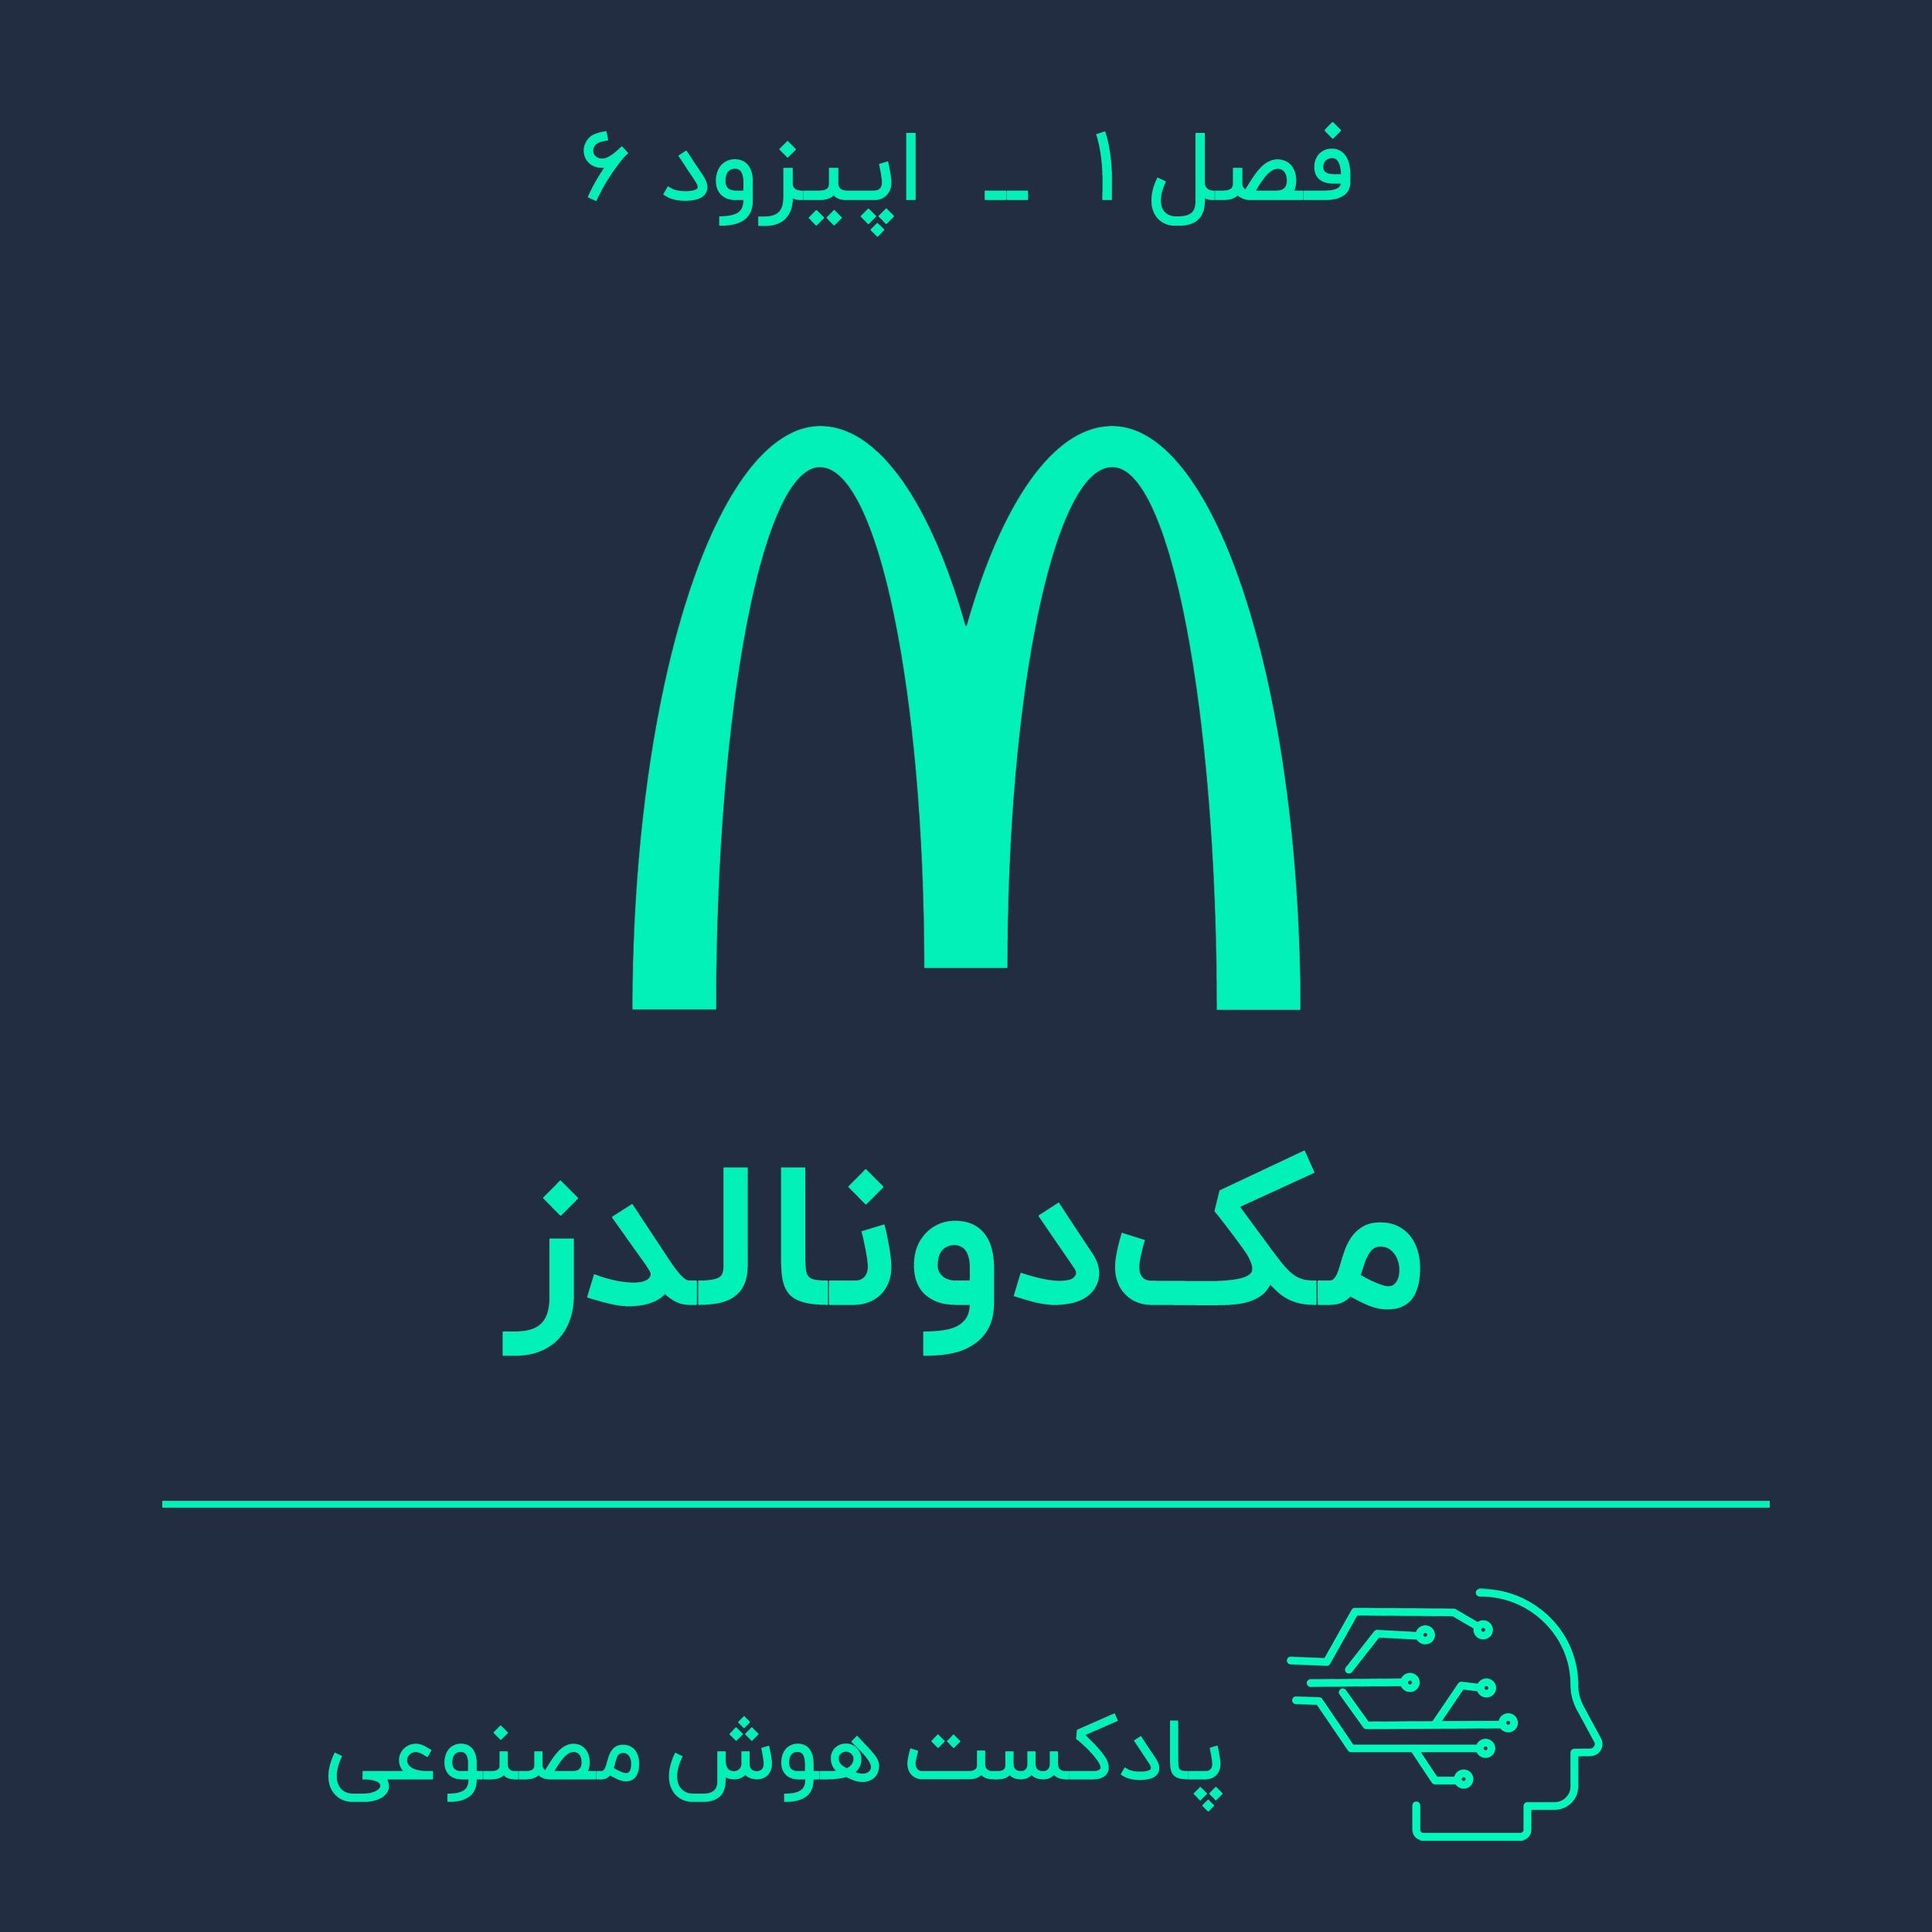 هوش مصنوعی در کسب و کار — بخش ششم: رستورانهای زنجیرهای مکدونالدز